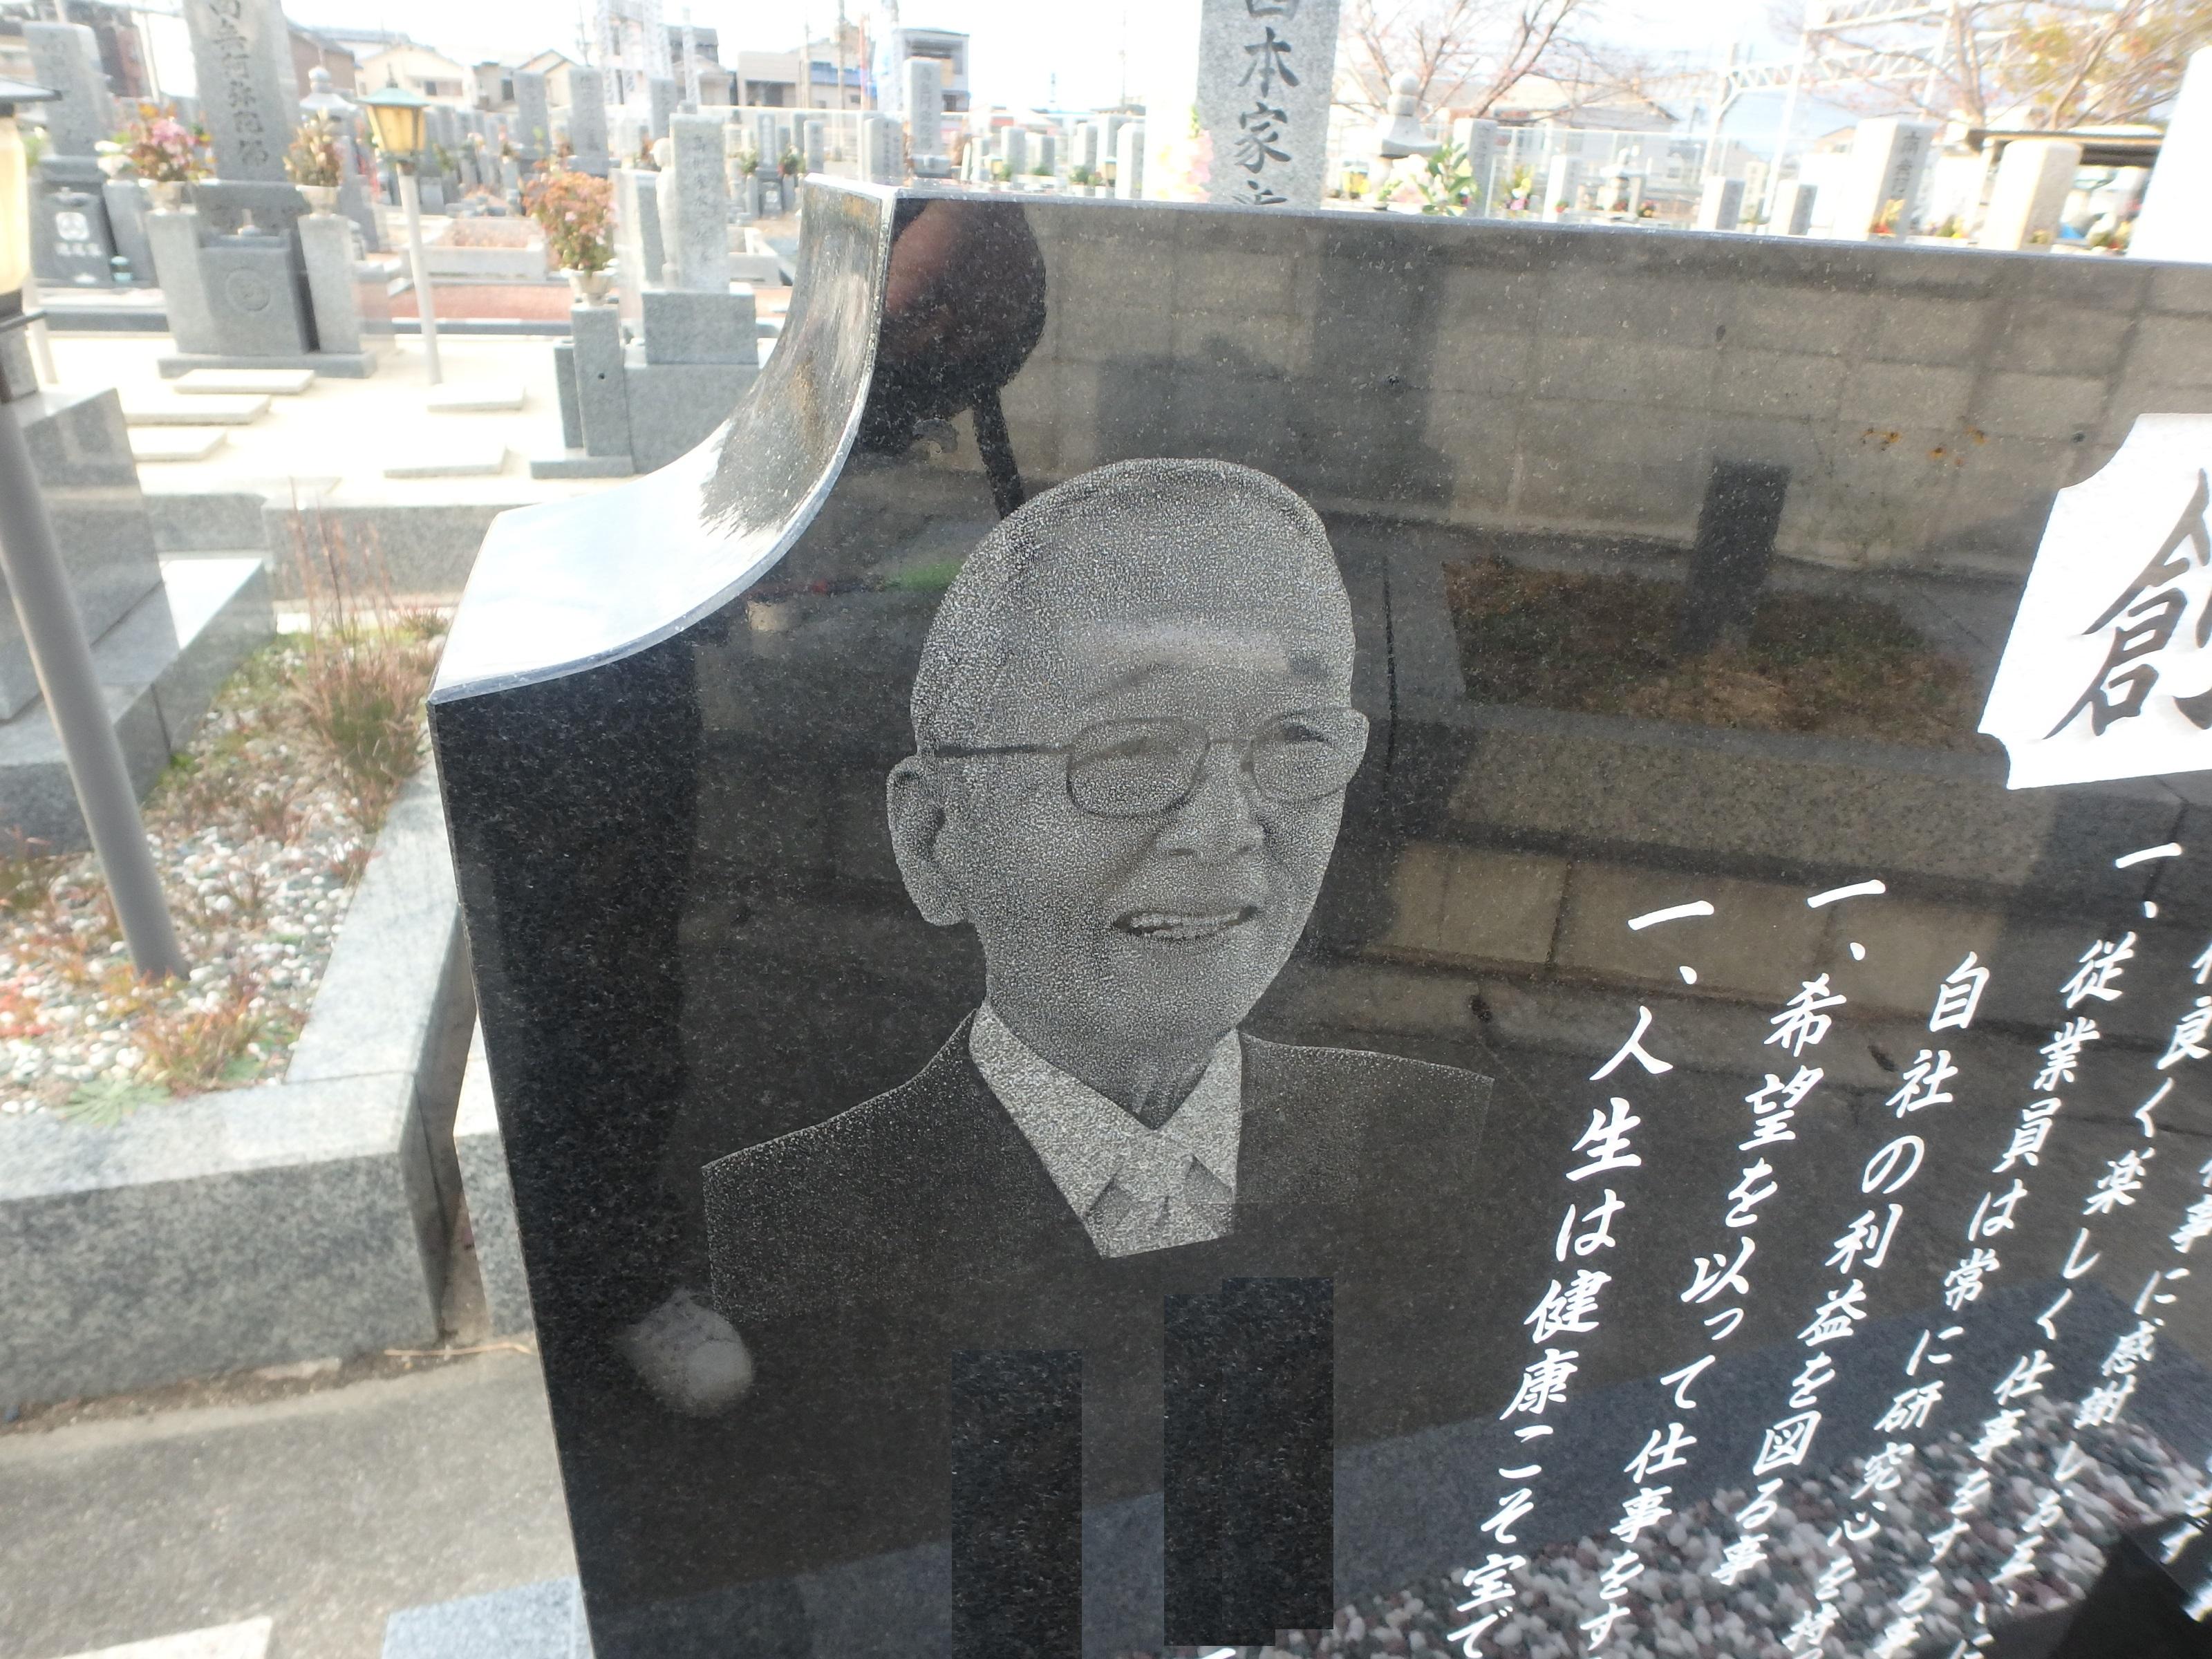 墓誌型創業者碑の詳細画像2